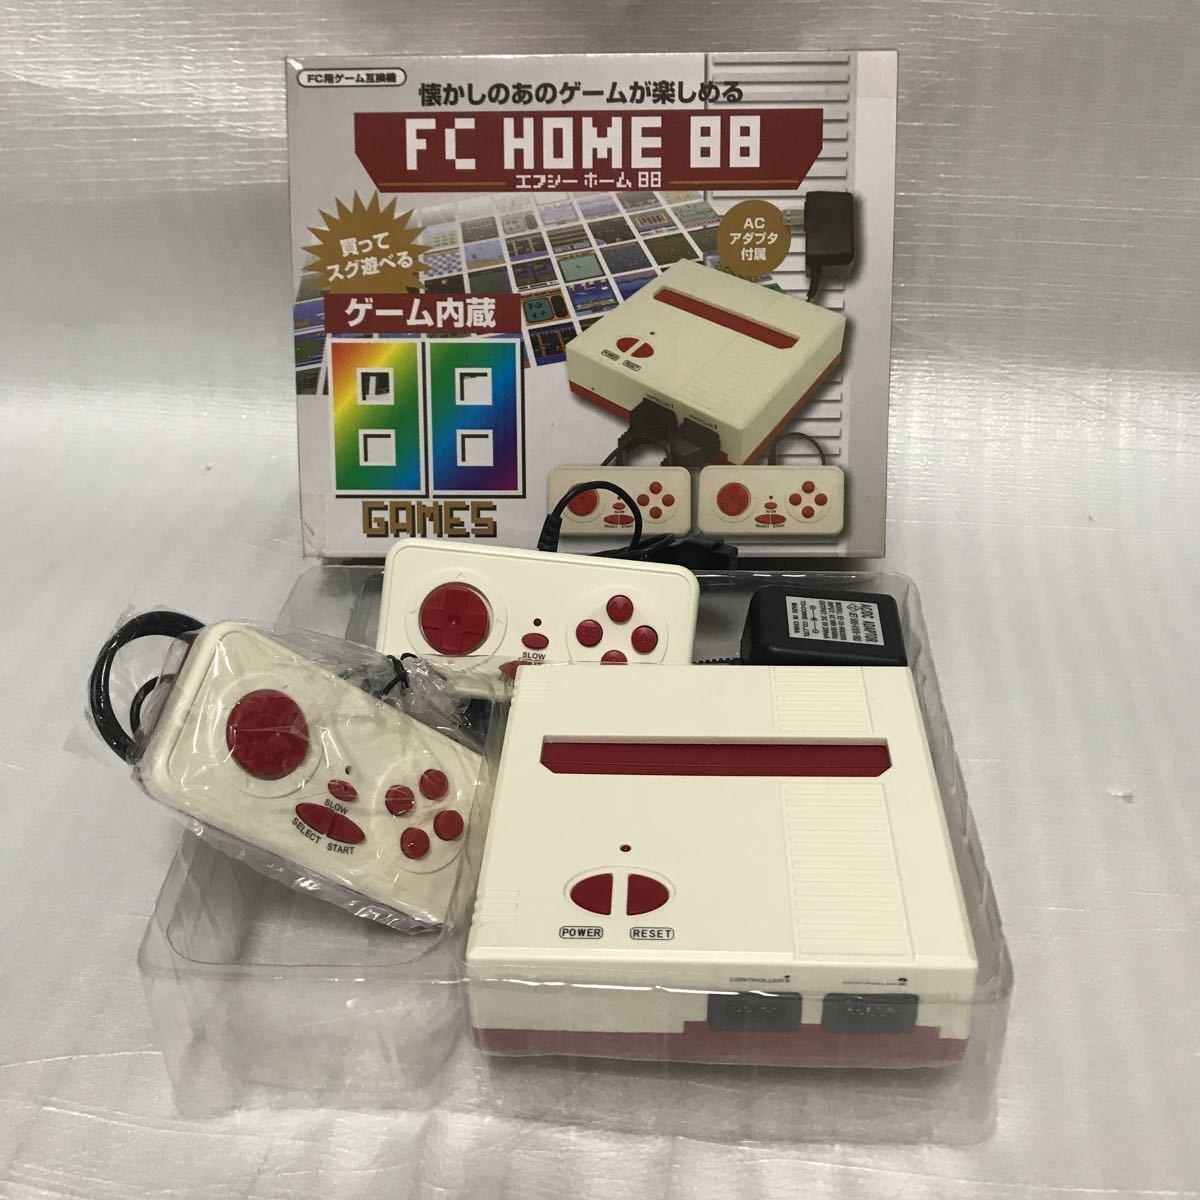 ファミコン互換機 FC HOME 88 # FC互換機 FC ファミコン